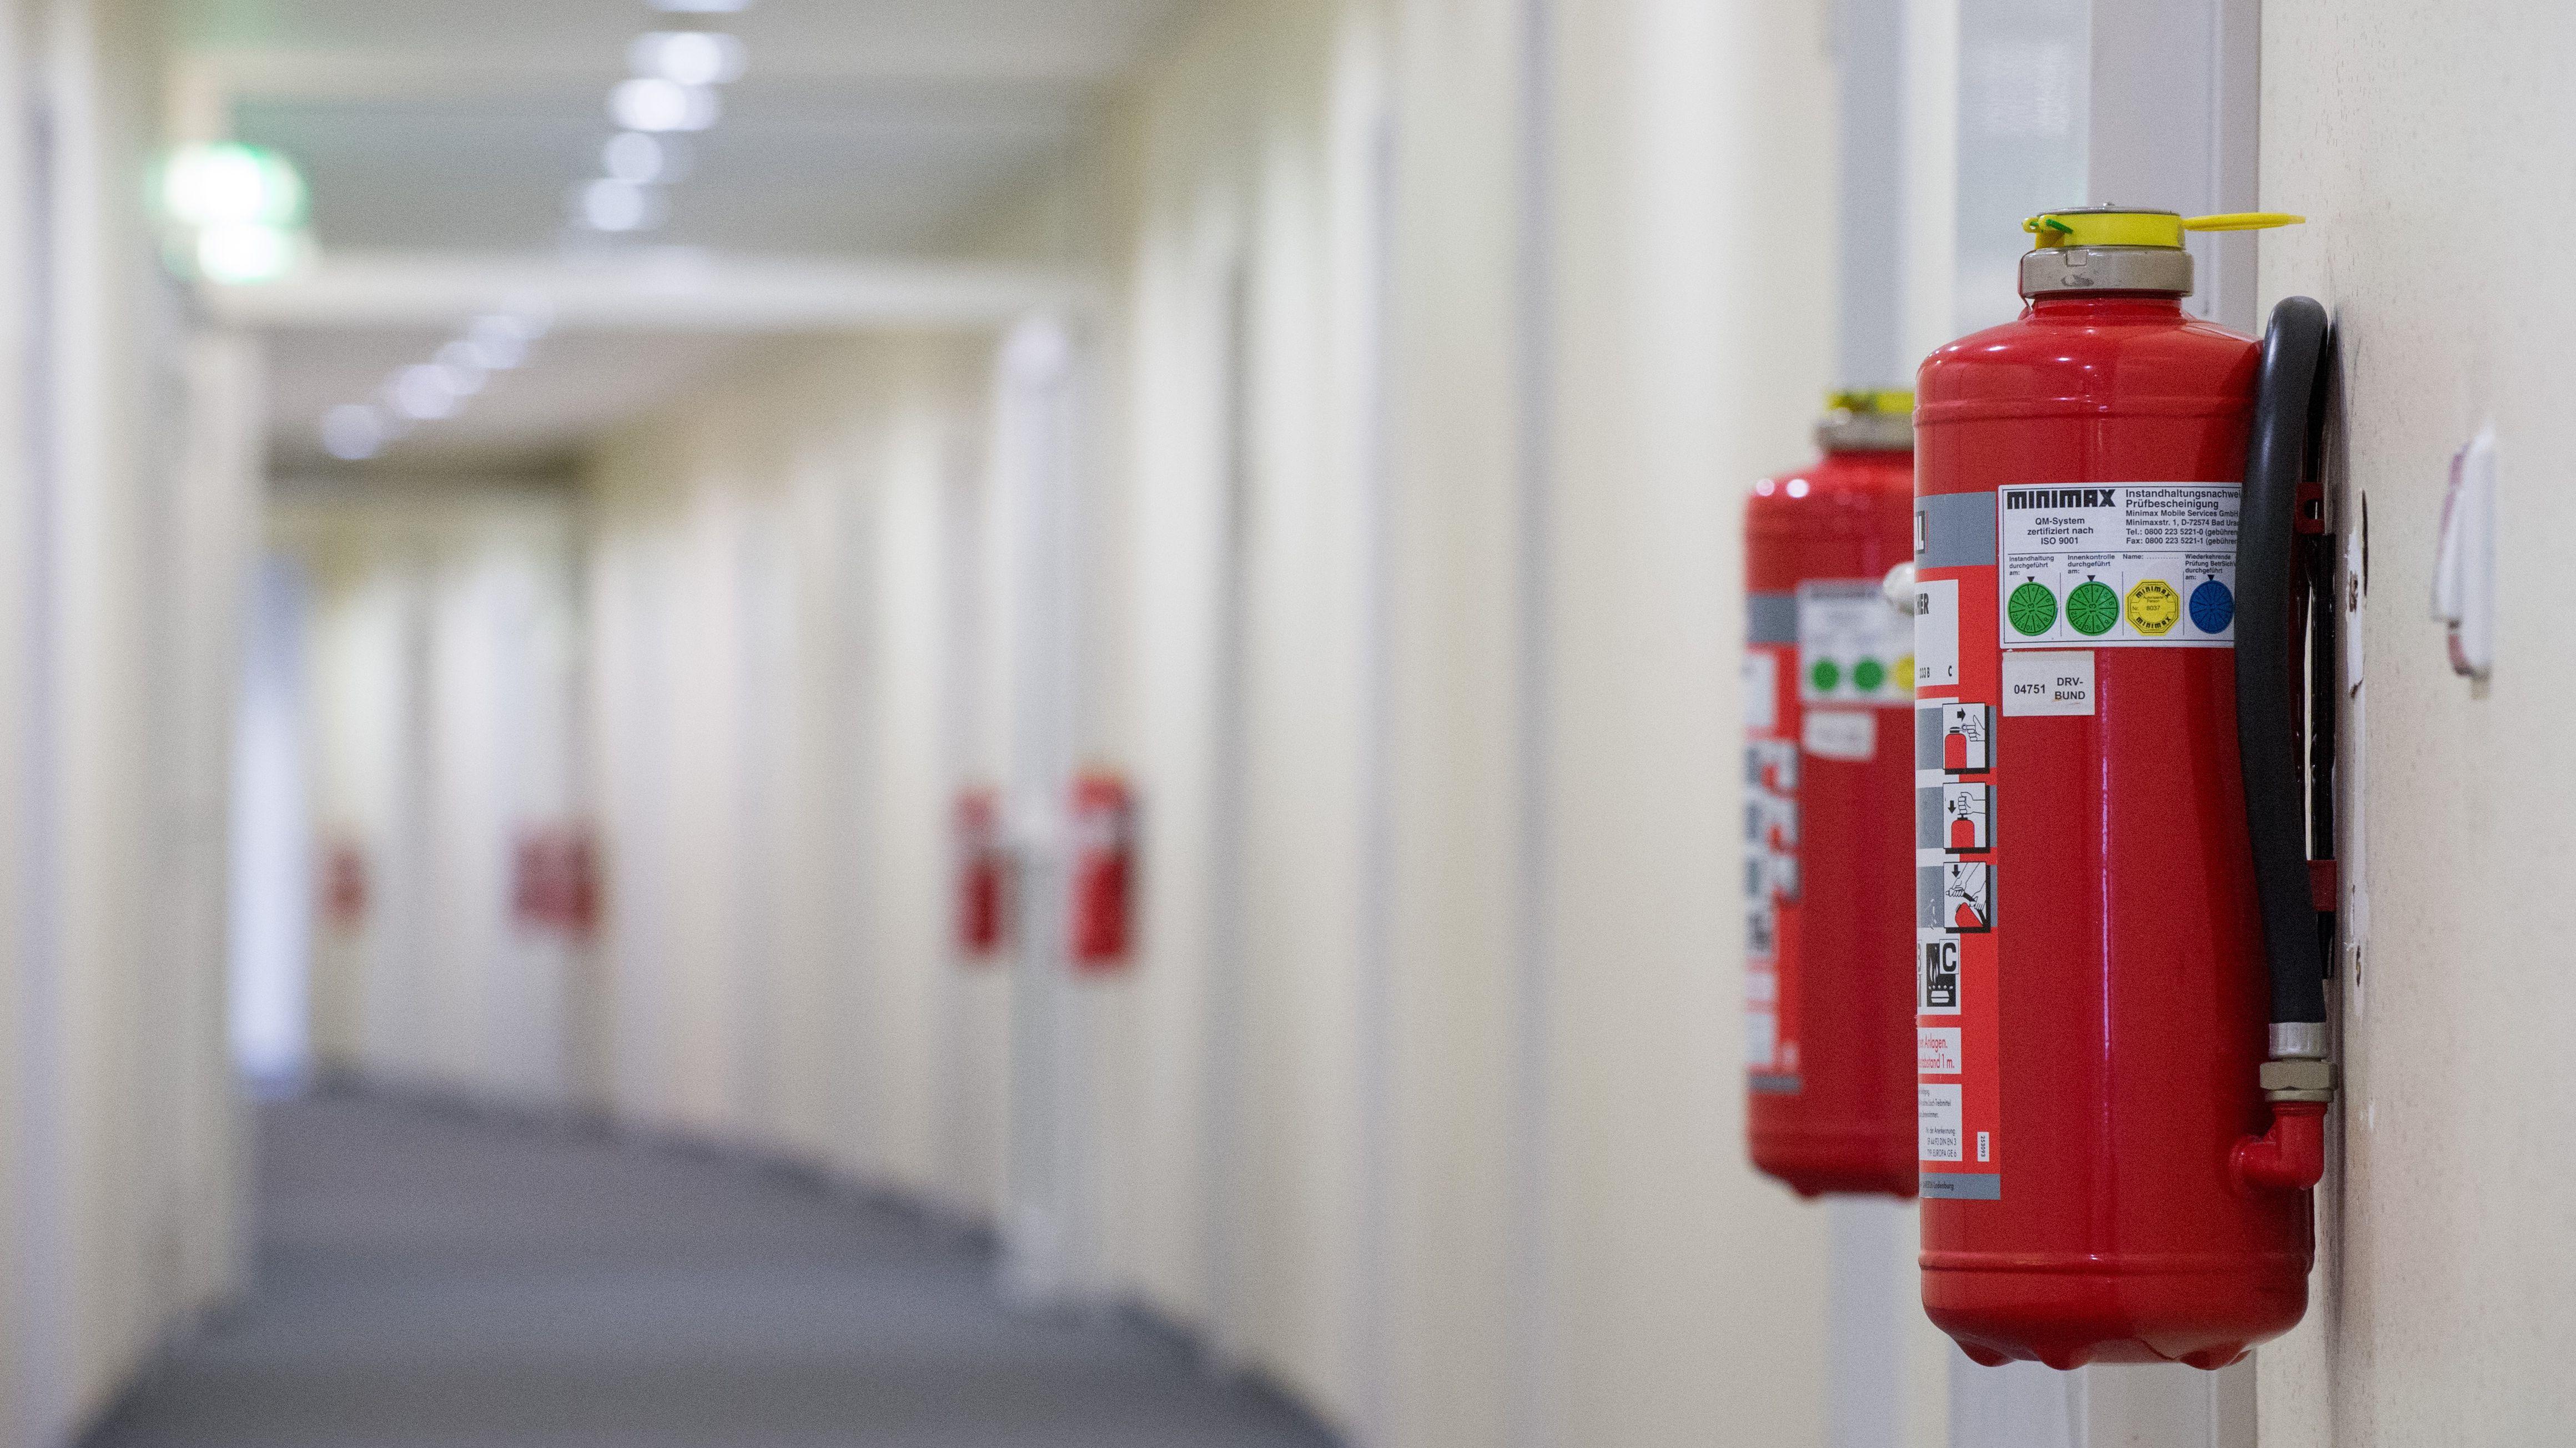 Flur in einer Behörde mit Feuerlöschern an der Wand (Symbolbild)